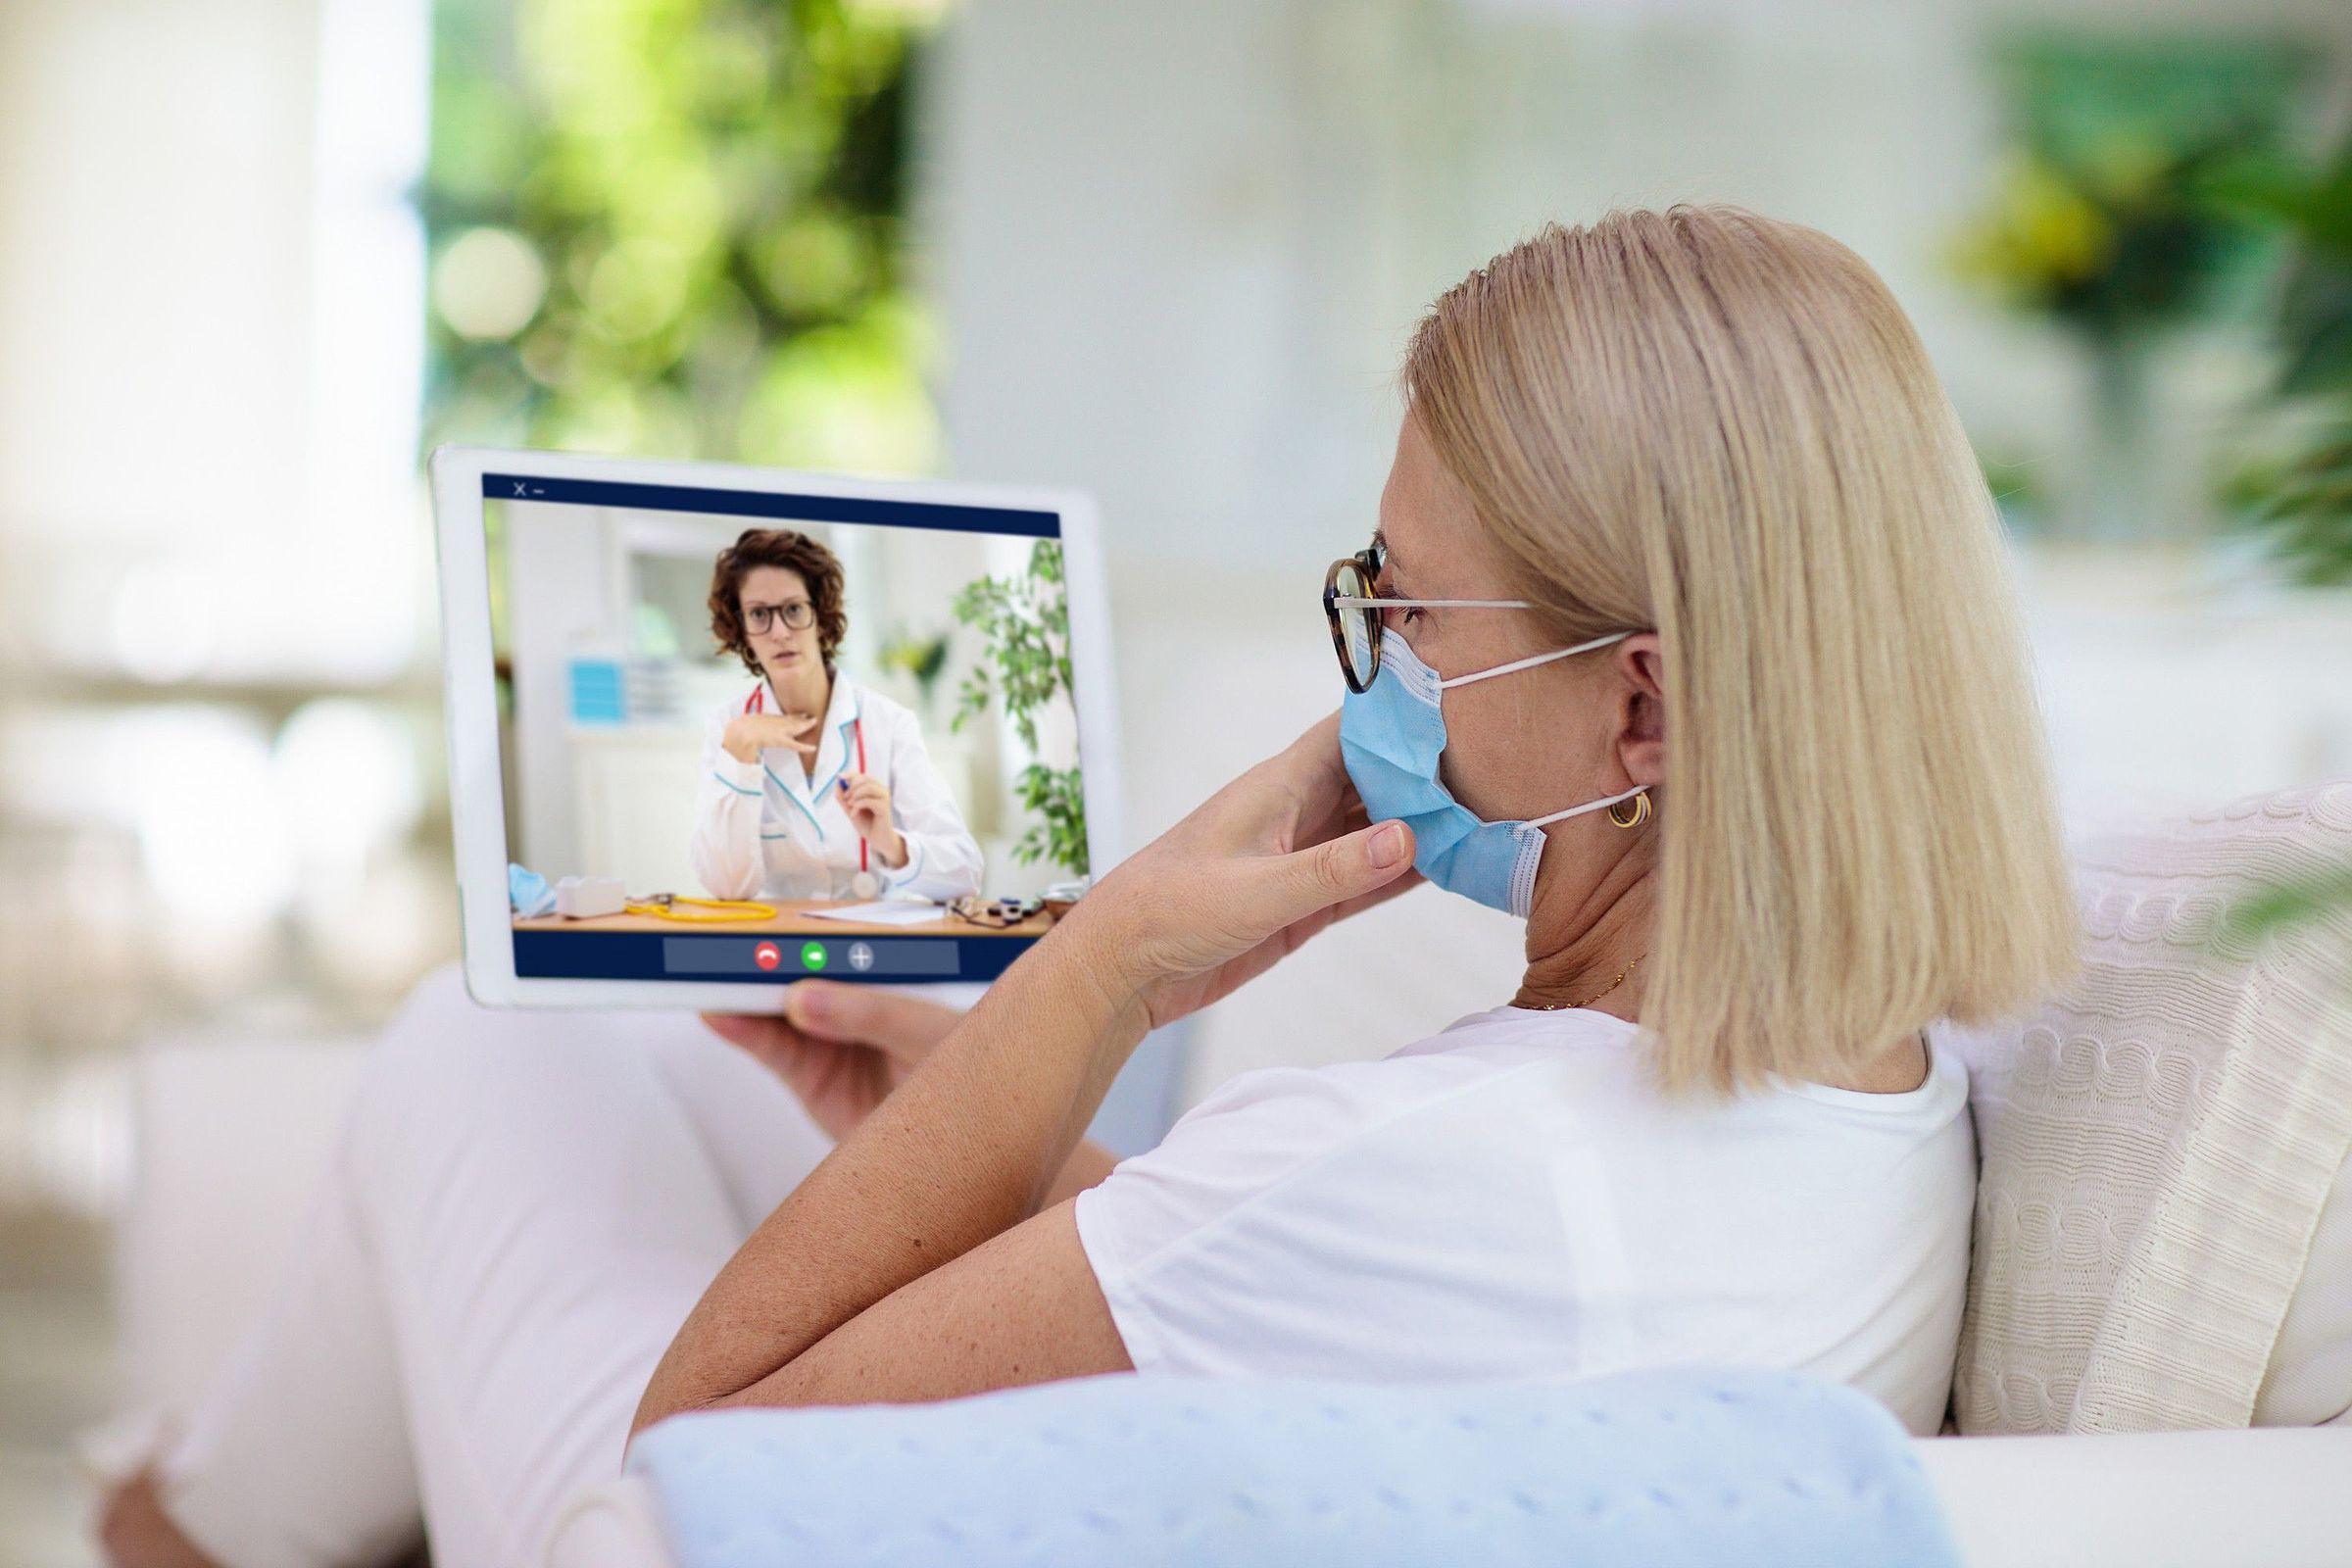 Transformação digital na saúde: 4 principais tendências para apostar